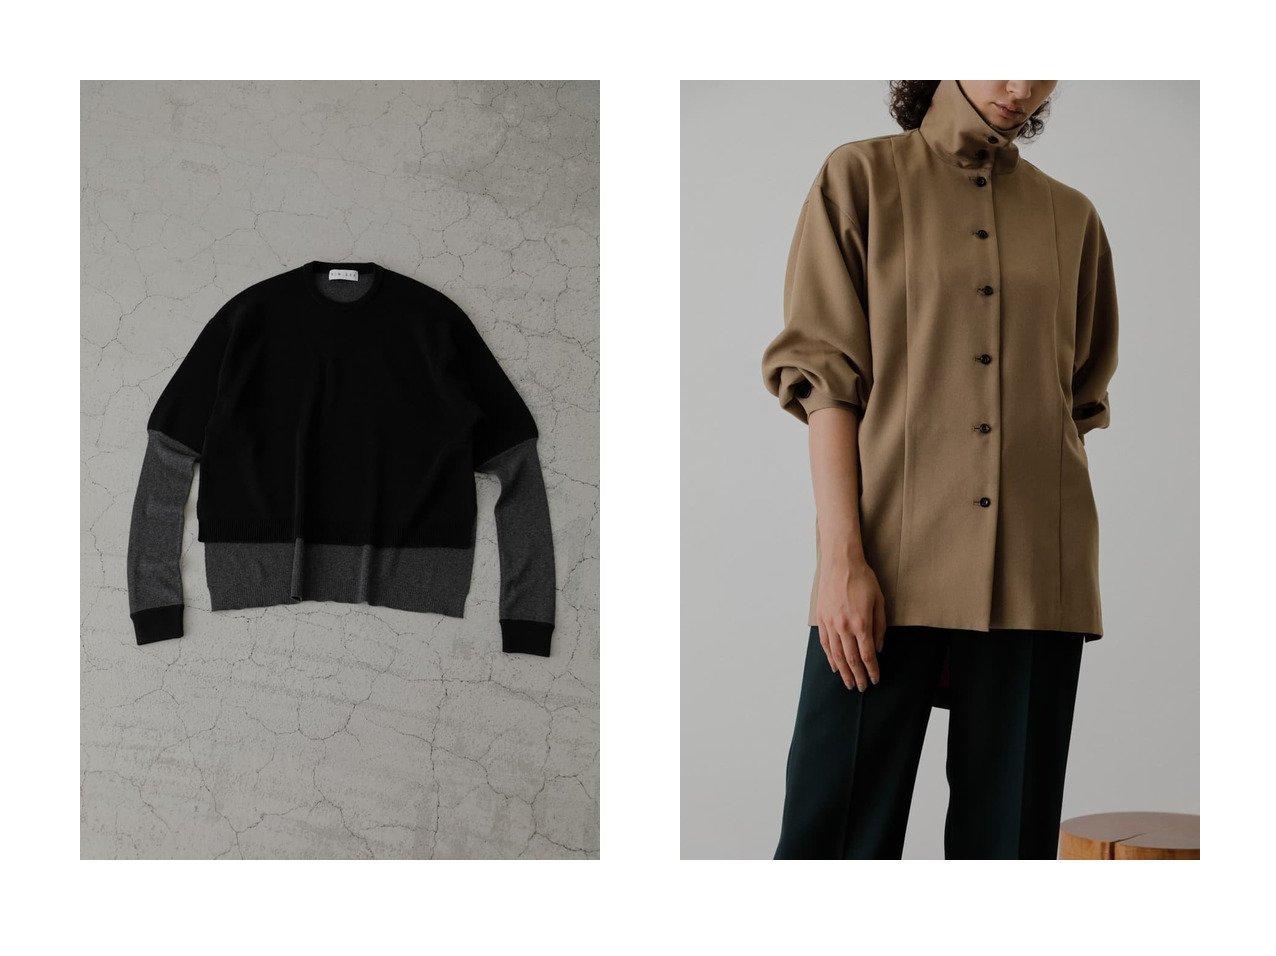 【RIM.ARK/リムアーク】のSleeve design knit topsニット&Stand collar over SH シャツ・ブラウス トップス・カットソーのおすすめ!人気、レディースファッションの通販 おすすめで人気のファッション通販商品 インテリア・家具・キッズファッション・メンズファッション・レディースファッション・服の通販 founy(ファニー) https://founy.com/ ファッション Fashion レディース WOMEN トップス Tops Tshirt ニット Knit Tops プルオーバー Pullover シャツ/ブラウス Shirts Blouses シンプル カフス スタイリッシュ スリーブ マニッシュ ロング |ID:crp329100000005428